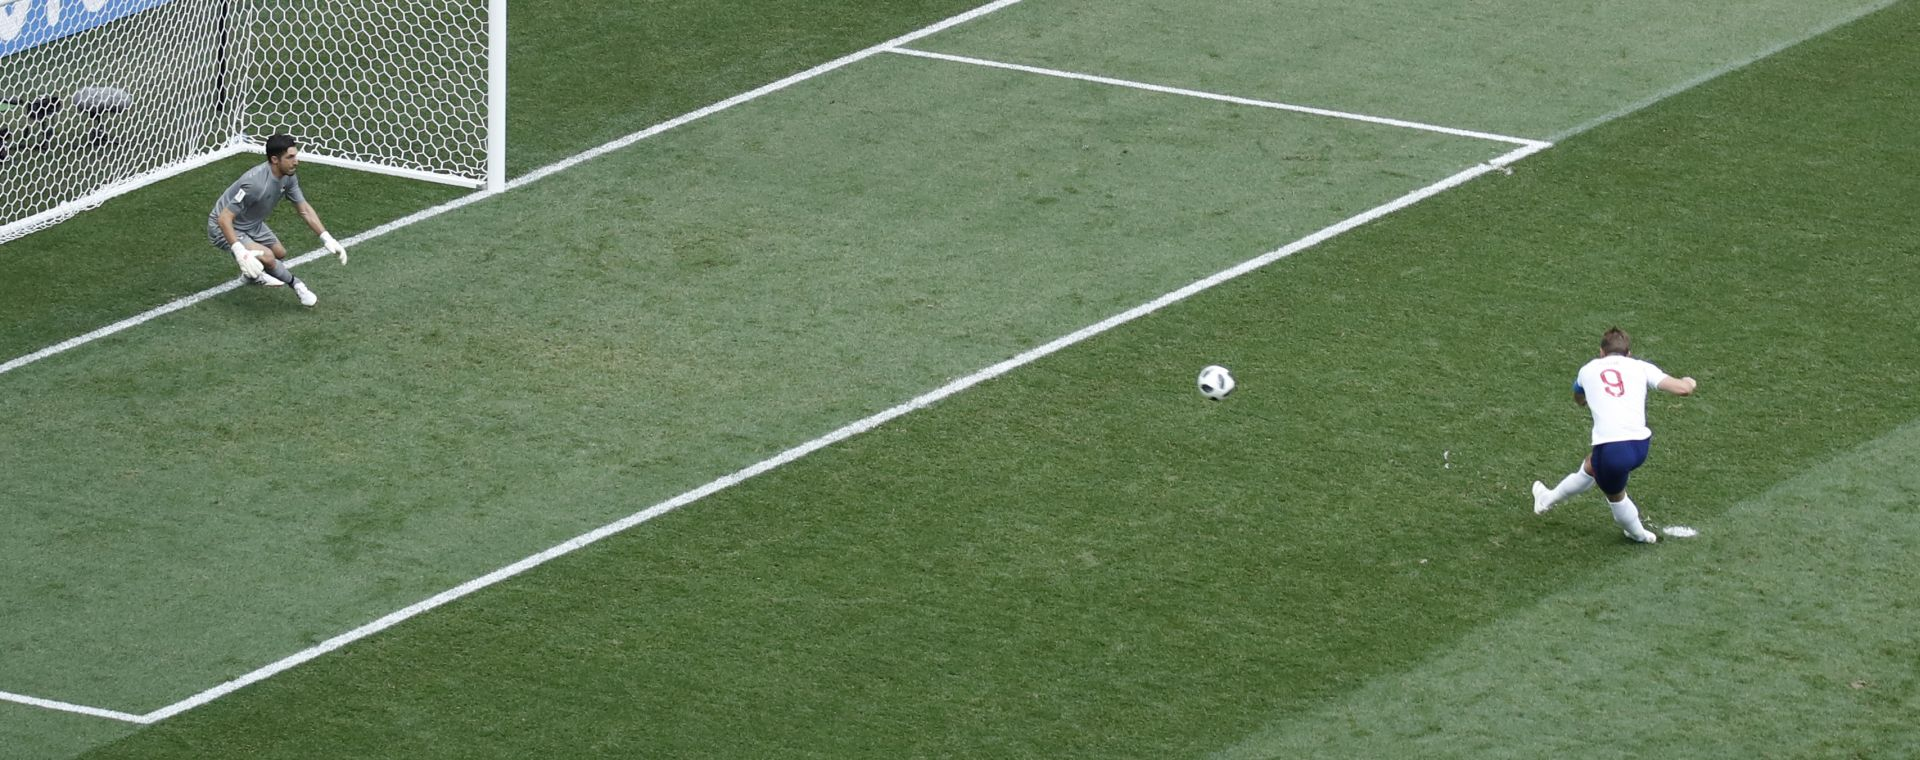 """FIFA """"Primjenom VAR-a, suci u 99.3 posto slučajeva donijeli ispravnu odluku"""""""